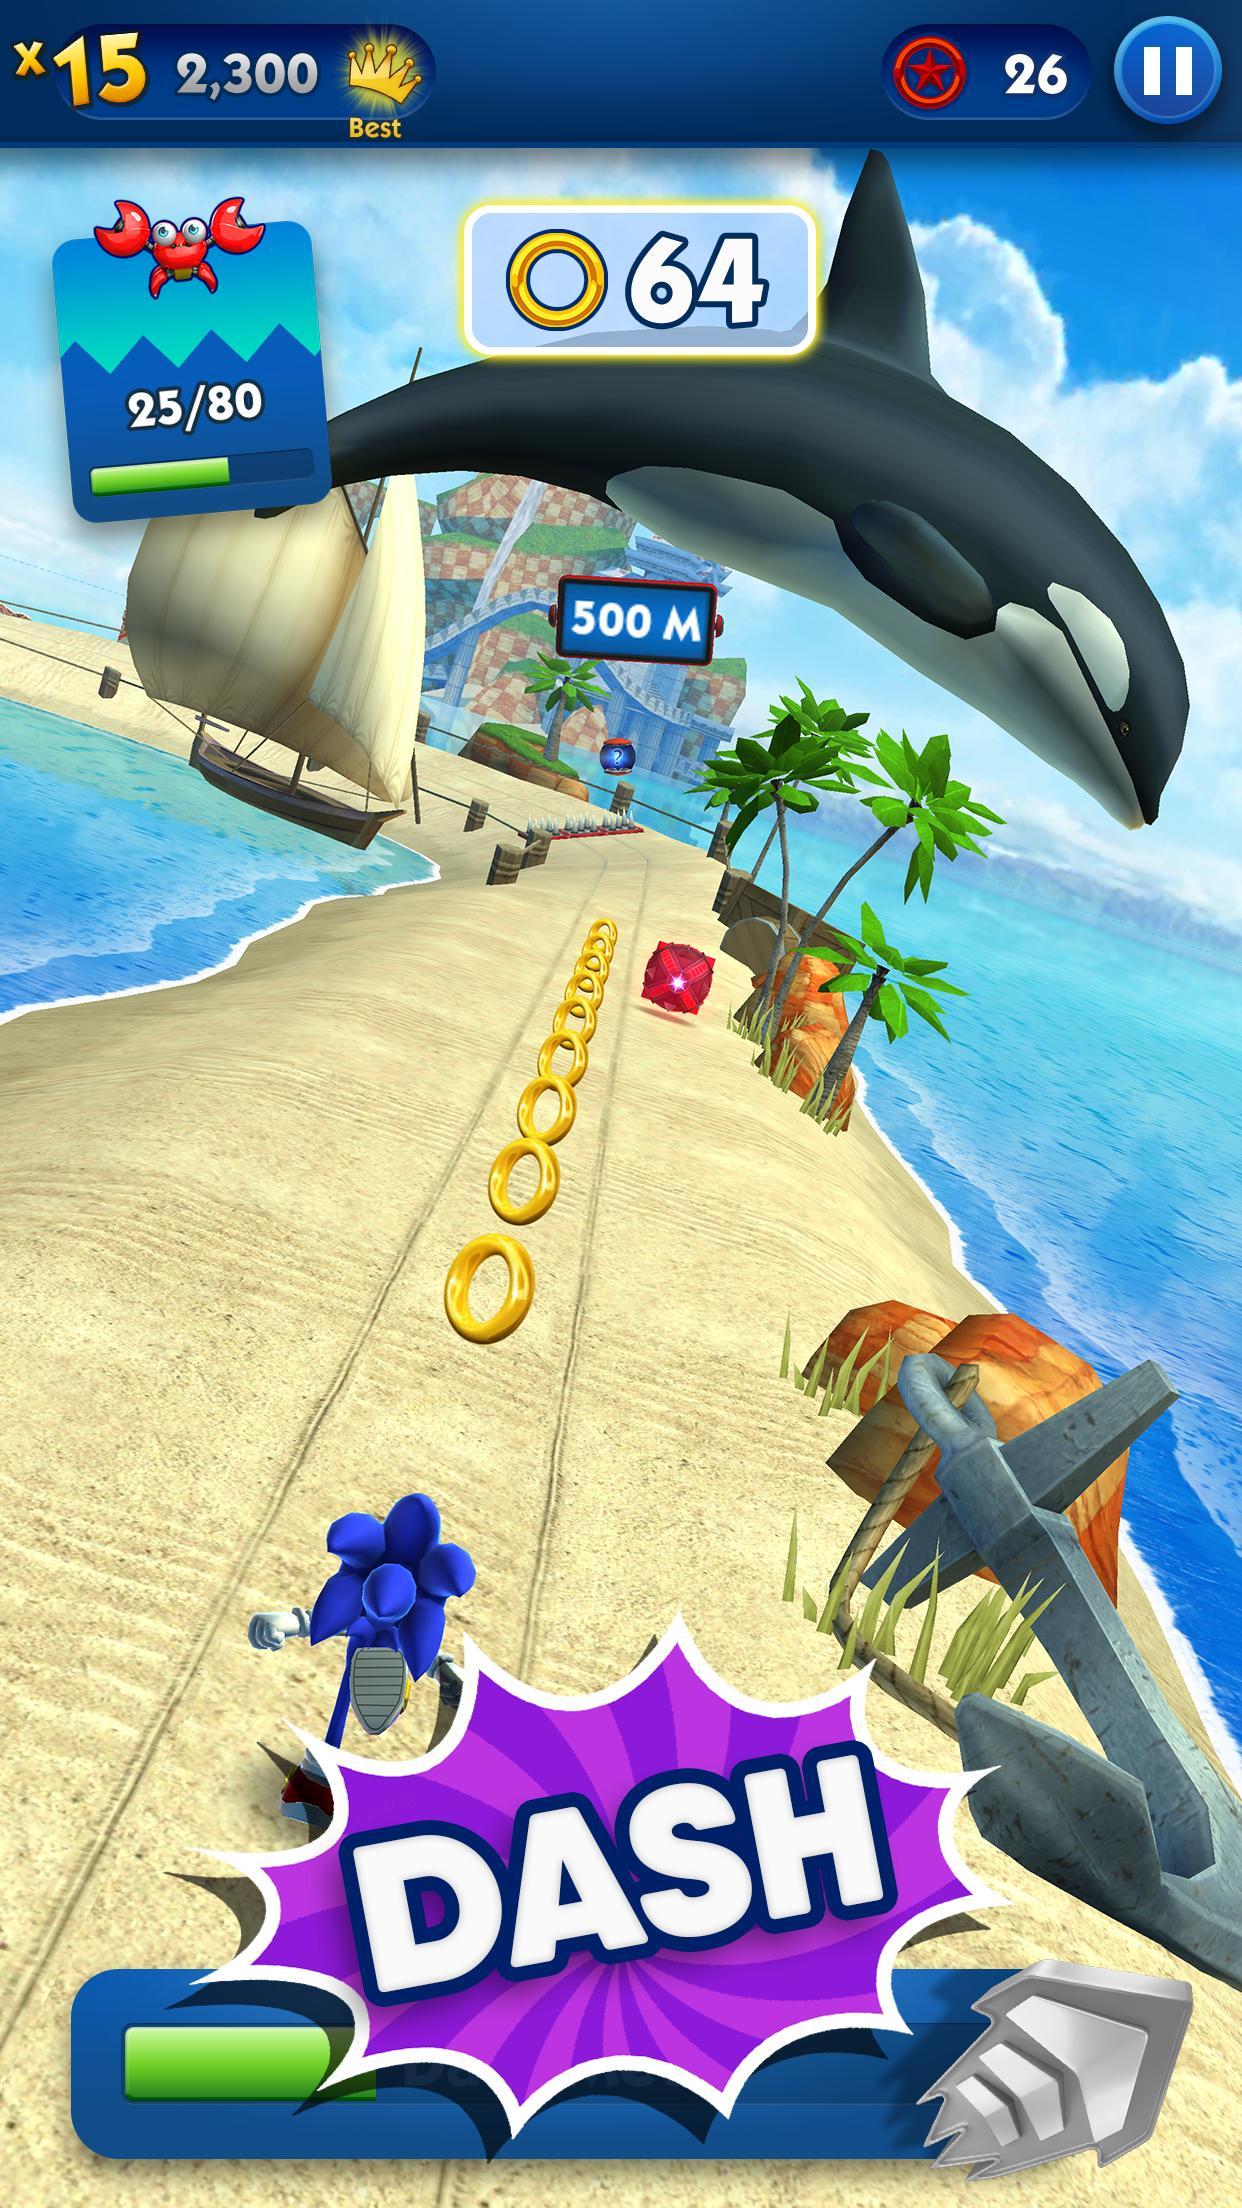 Sonic Dash - Endless Running & Racing Game 4.14.0 Screenshot 2